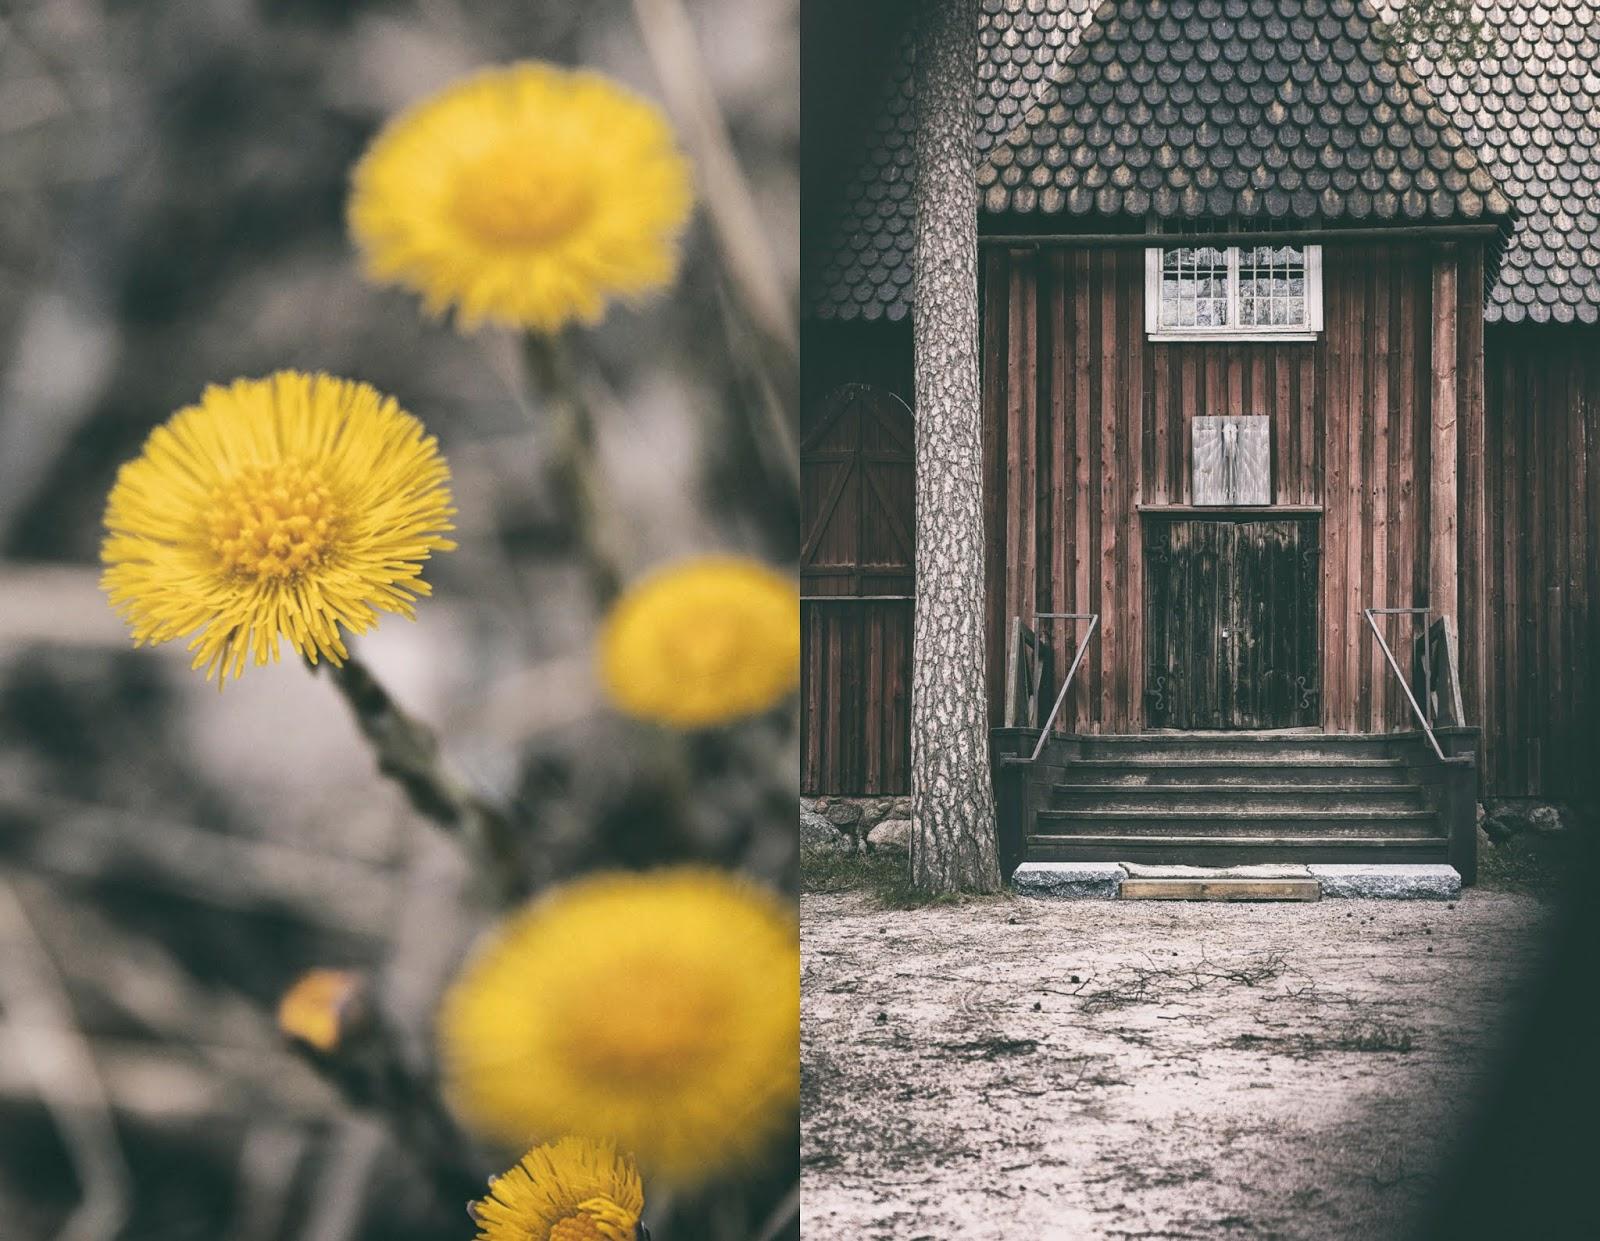 Helsinki, visithelsinki, Seurasaari, Fölisön, Myhelsinki, experience, Suomi, Finland, luonto, nature, outdoors, luontovalokuva, valokuvaus, valokuvaaminen, valokuvaaja, Frida Steiner, Visualaddict, visualaddictfrida, visitFinland, travel, matkailu, matkustus